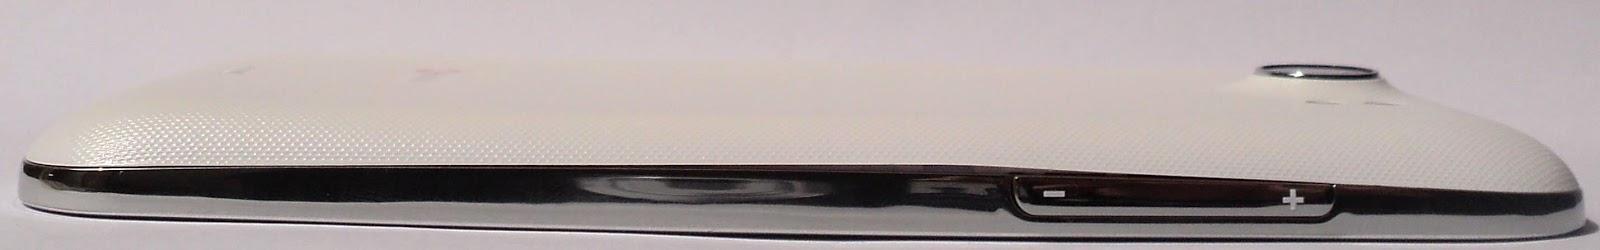 Qmobile Noir A10 side